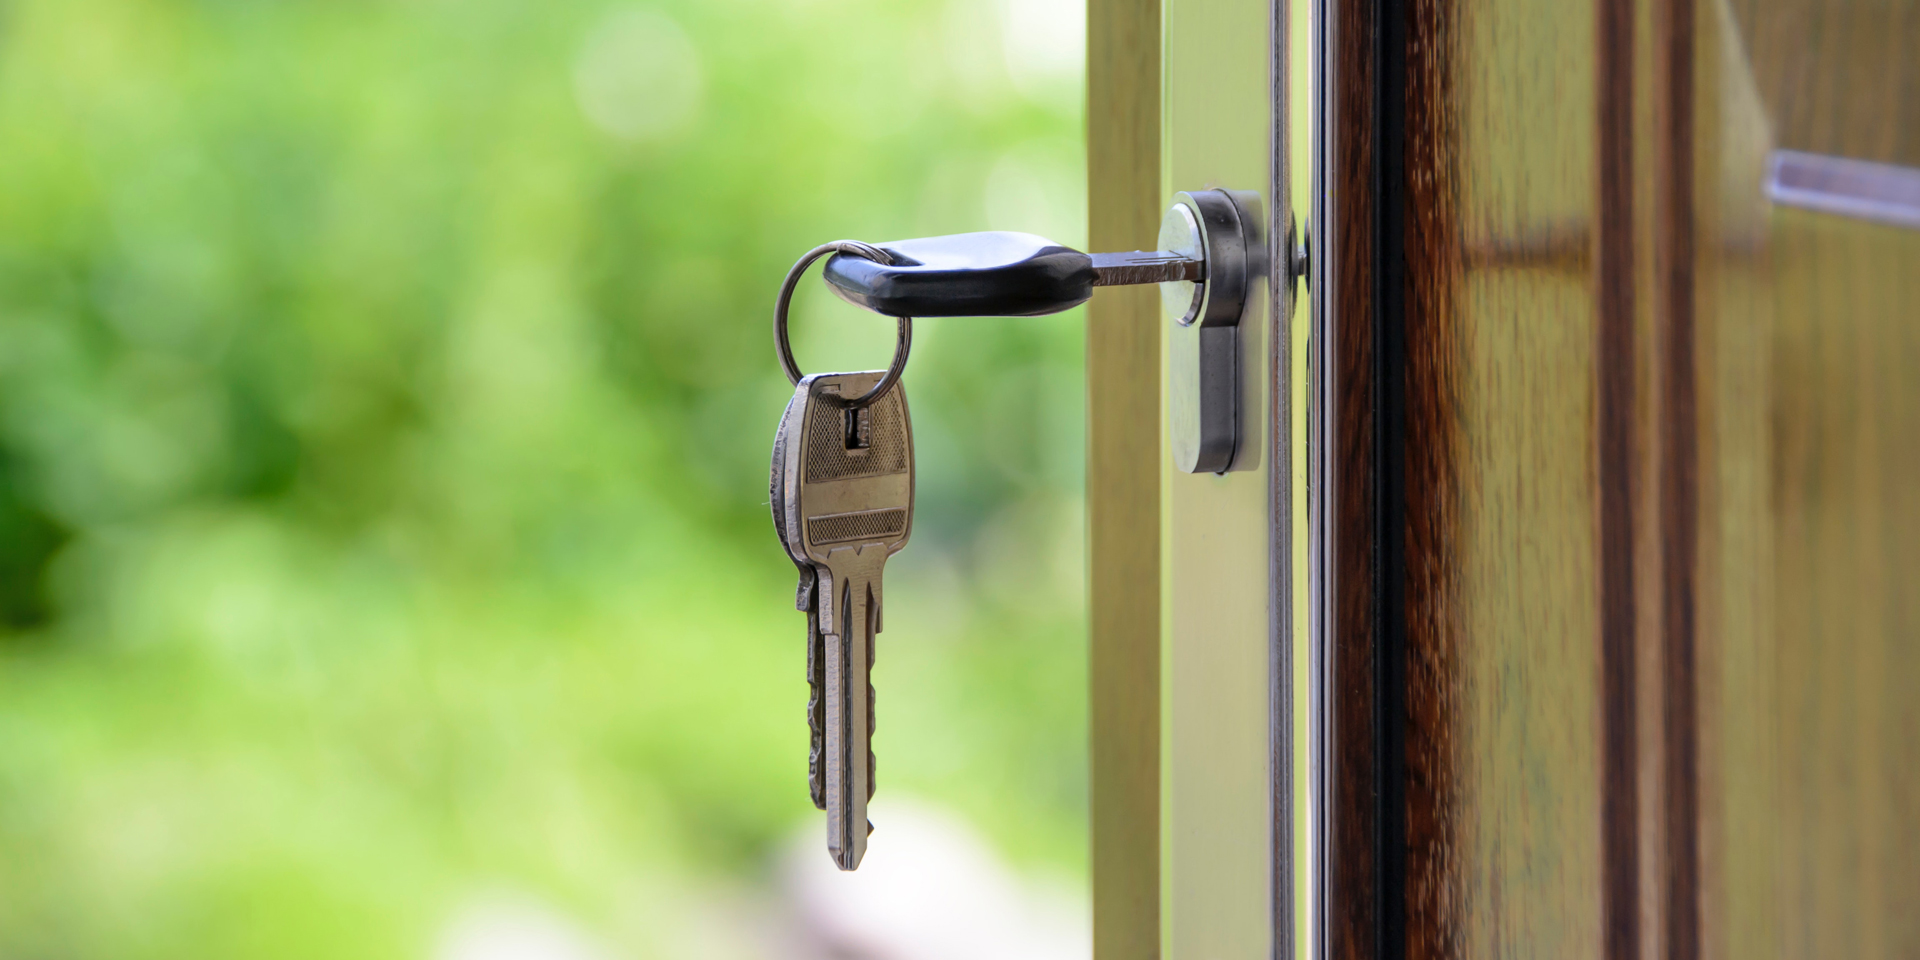 Vom Traum zum Haus! - Worauf sollte beim Immobilienkauf geachtet werden?